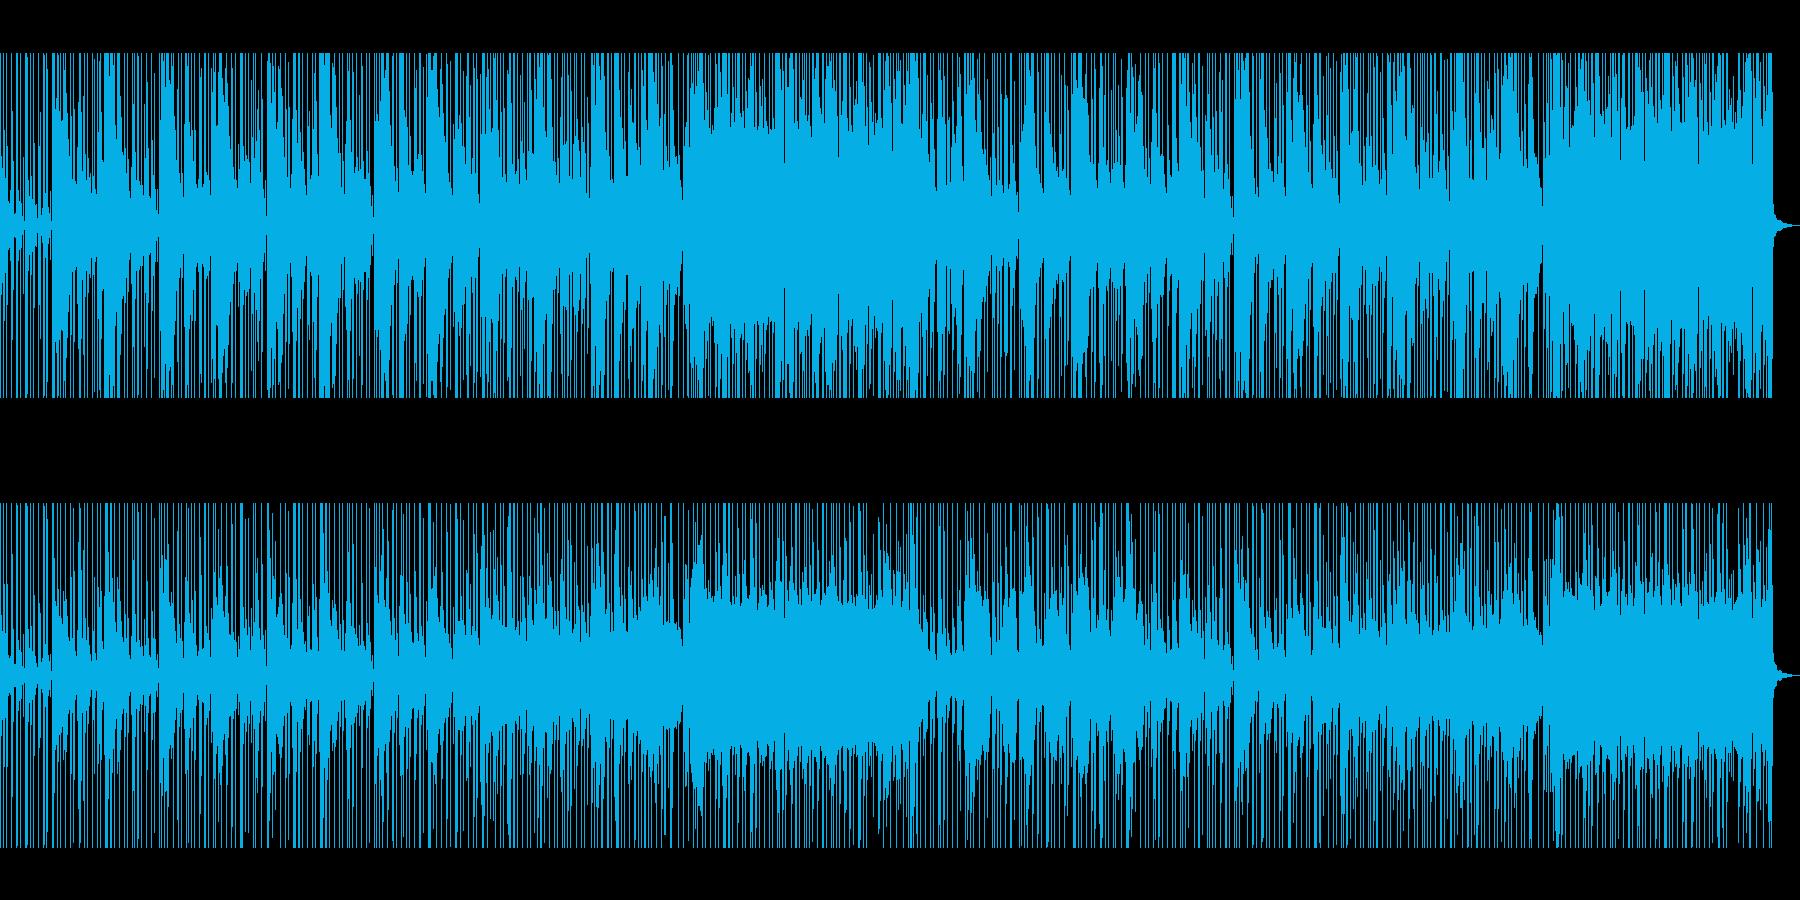 スタイリッシュでクールの再生済みの波形